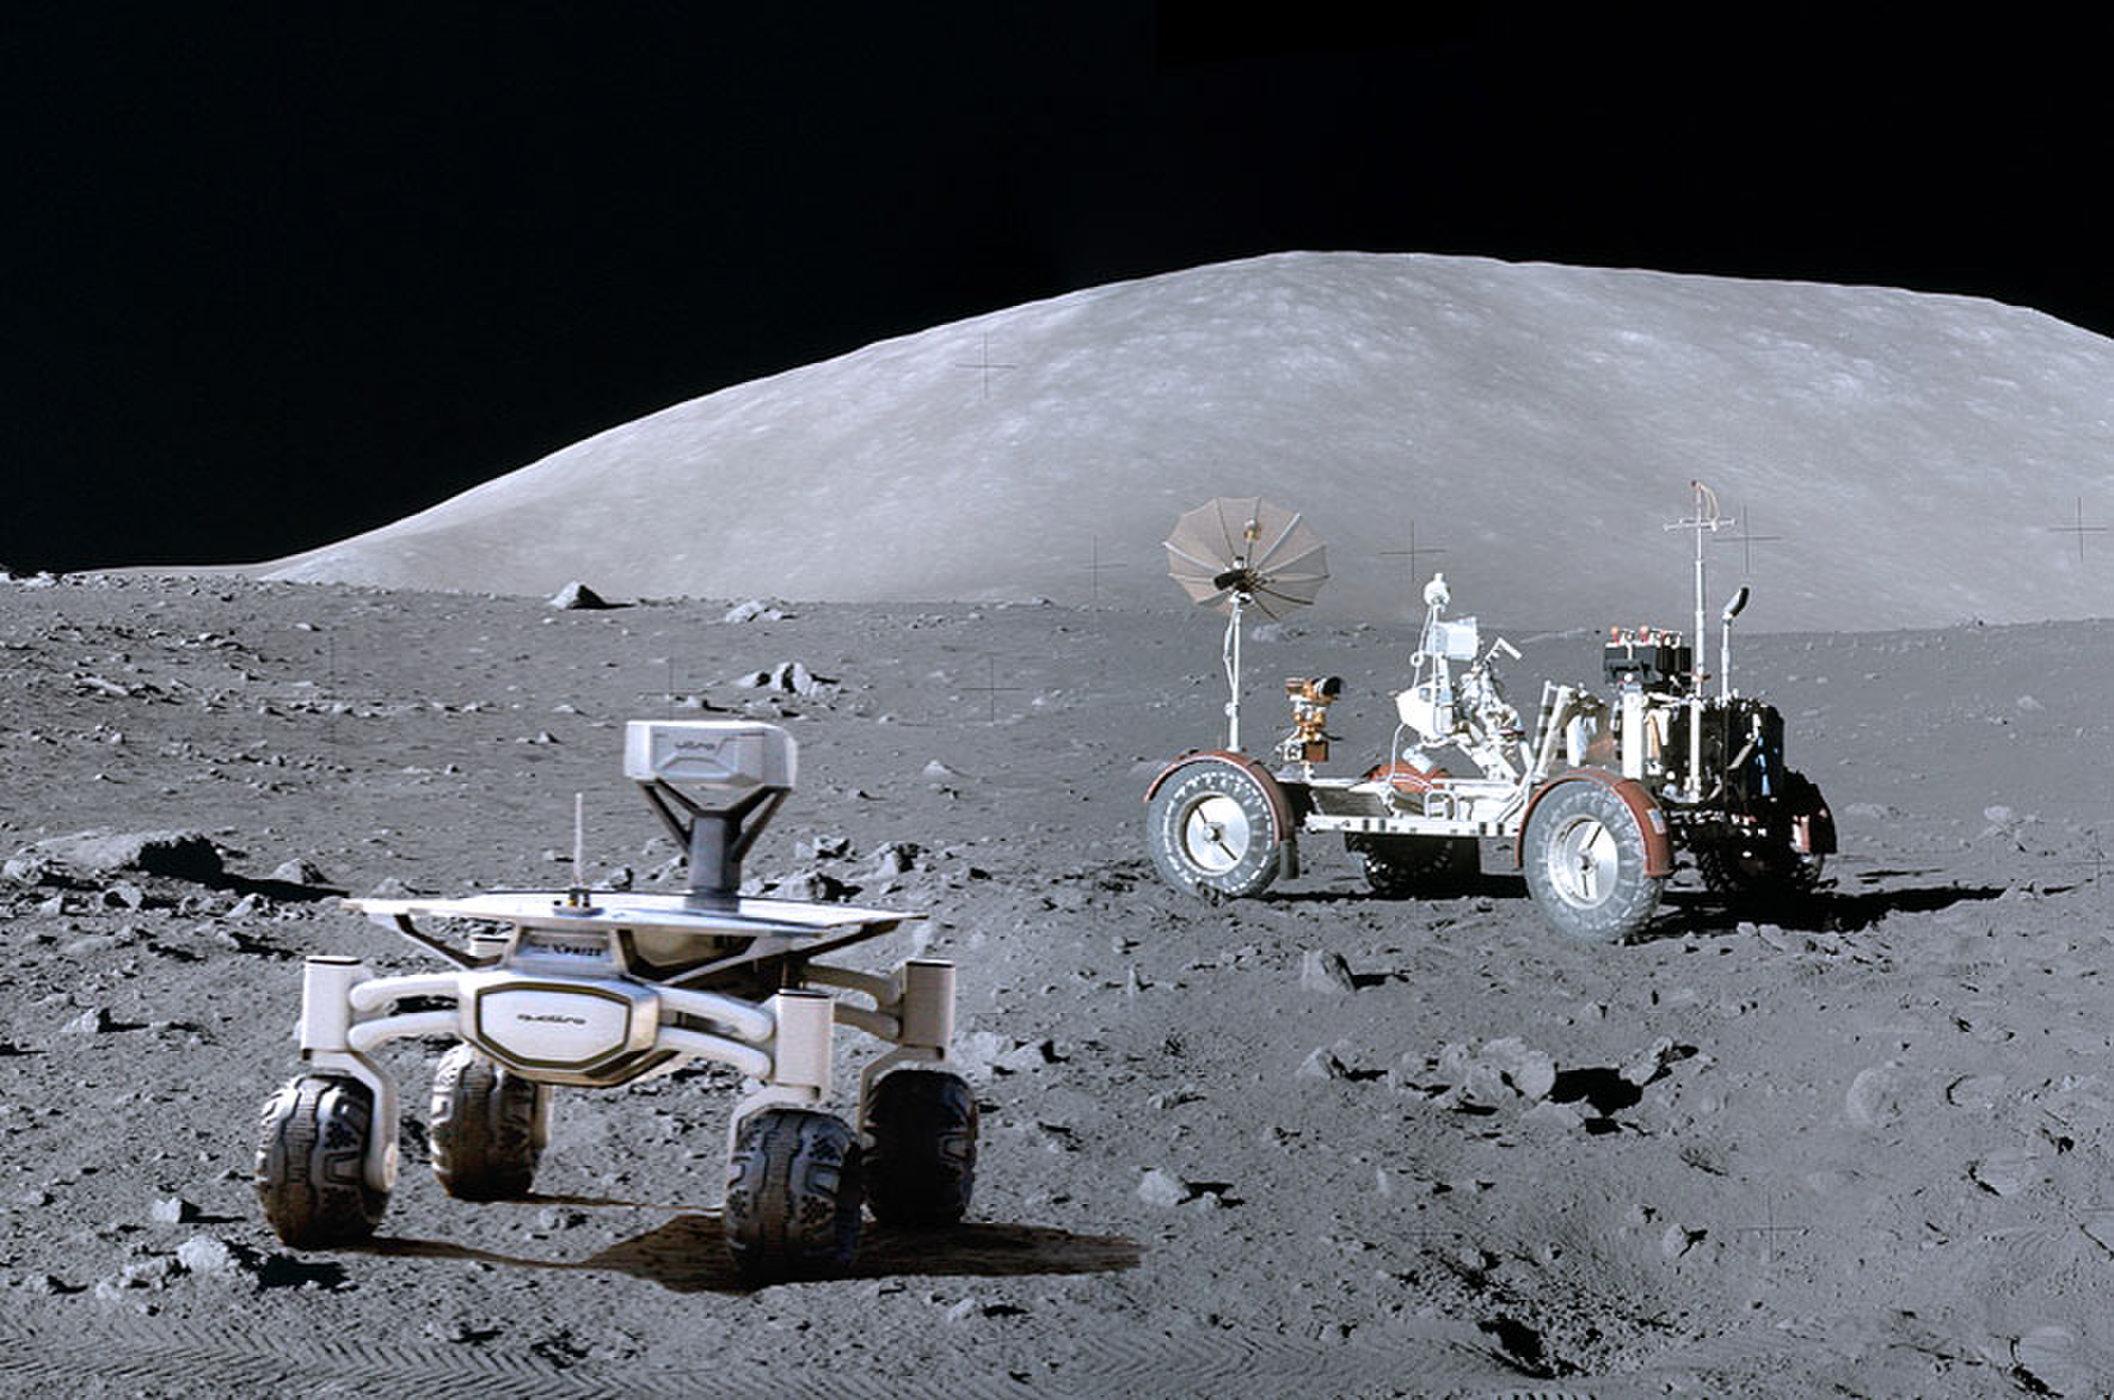 تصویر کاوشگر PTS در کنار Apollo 17